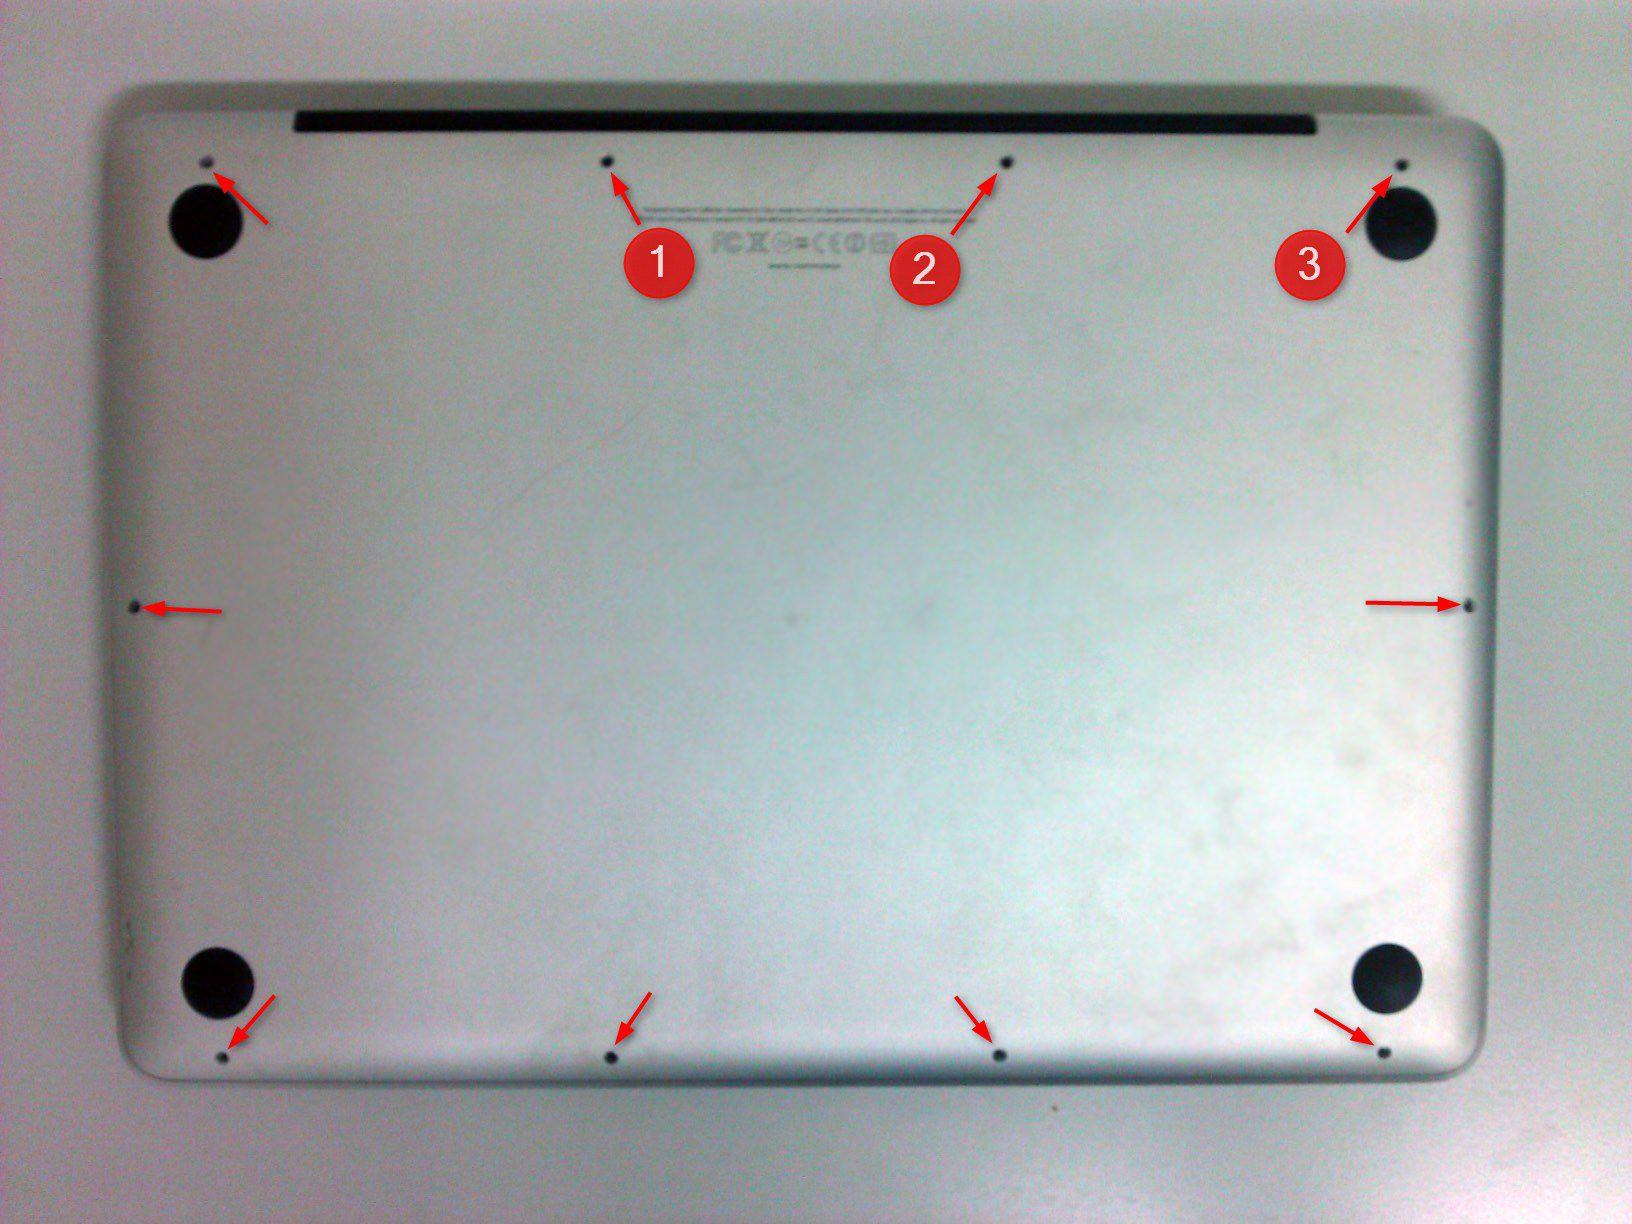 03-So-gehts-MacBook-Pro-mit-SSD-nachruesten-MacBook-Schrauben-470.jpg?nocache=1318607439782